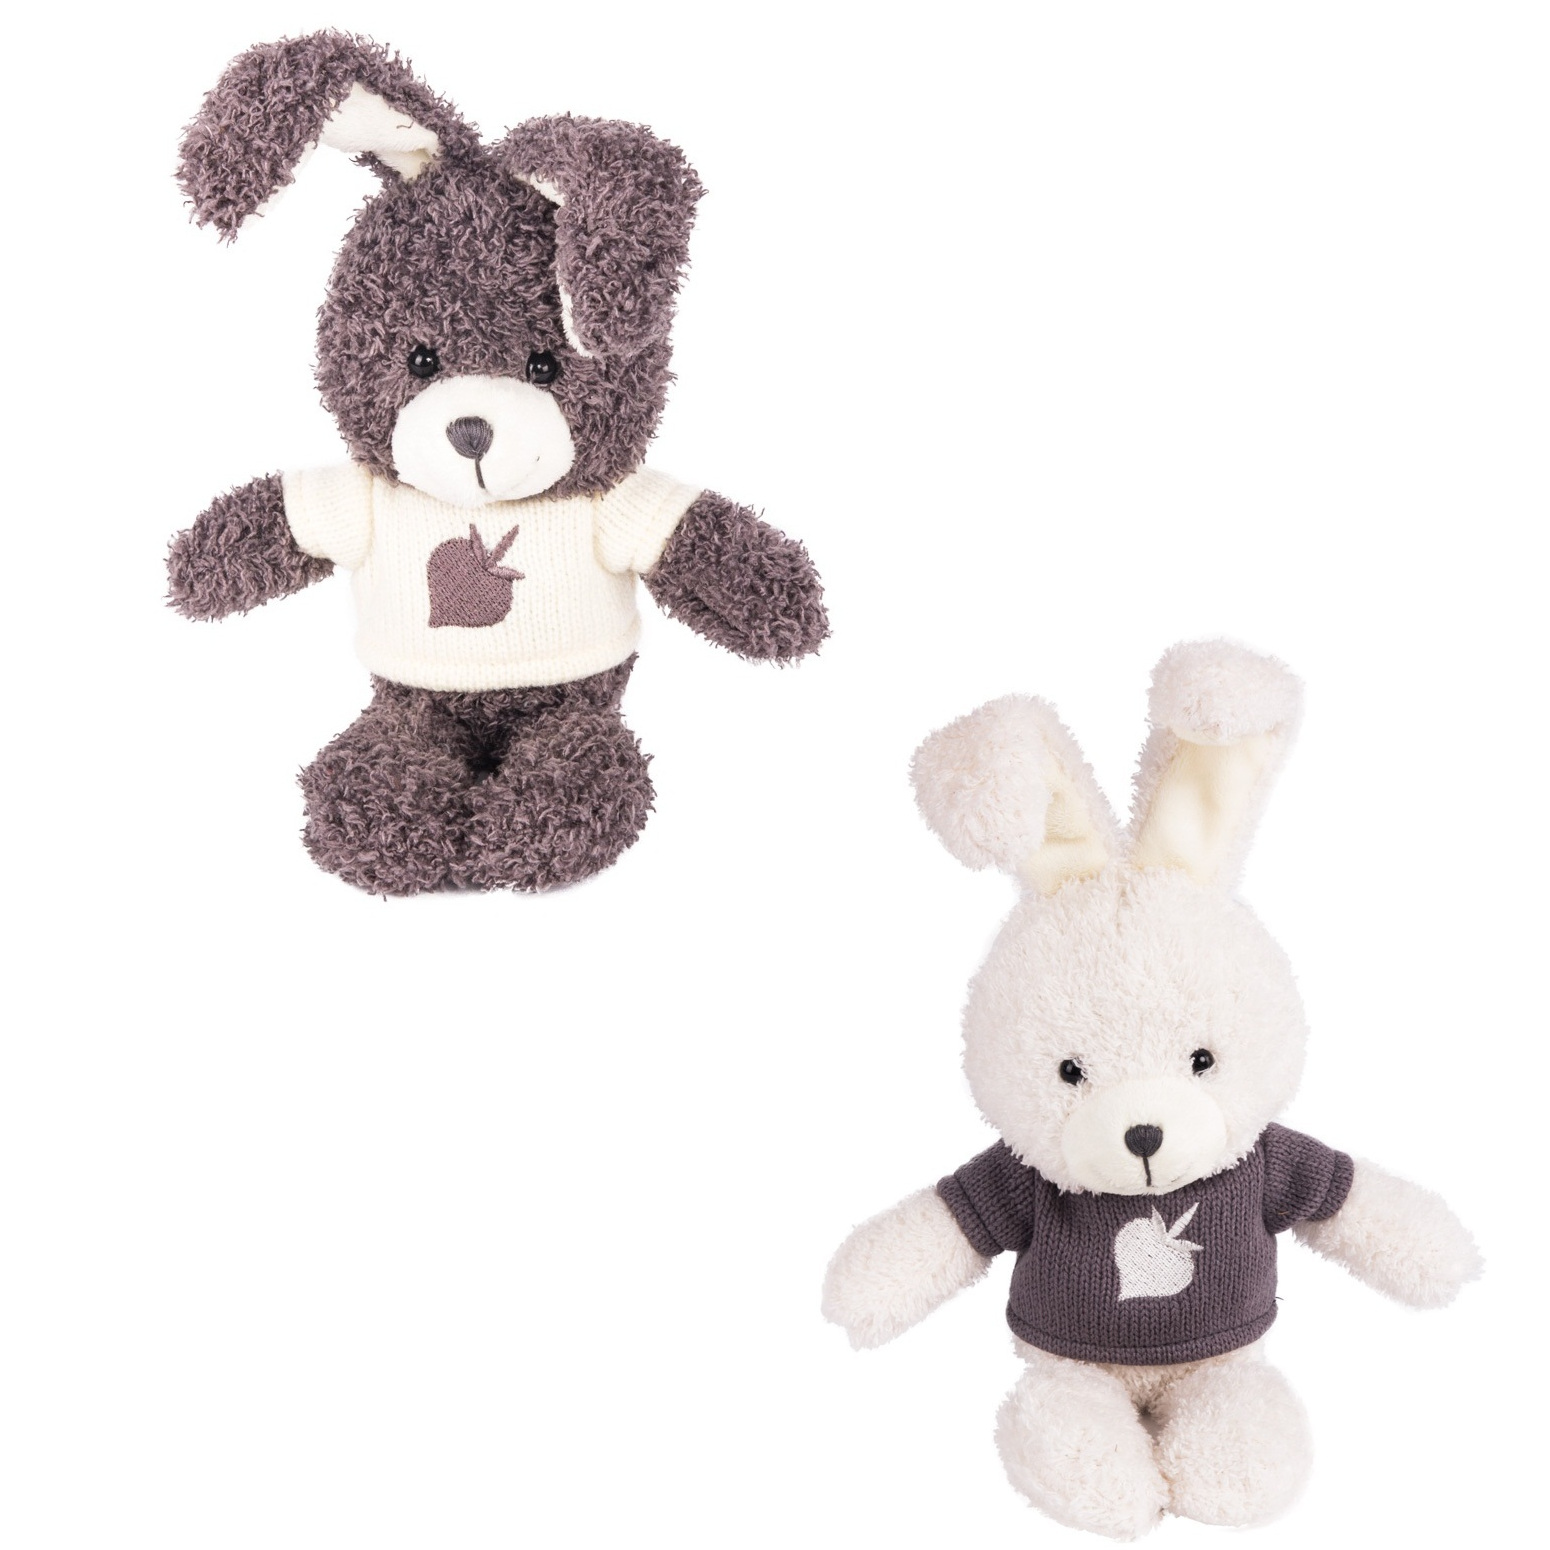 Мягкая игрушка - Зайчик Билли, белый/серый, 25 см от Toyway